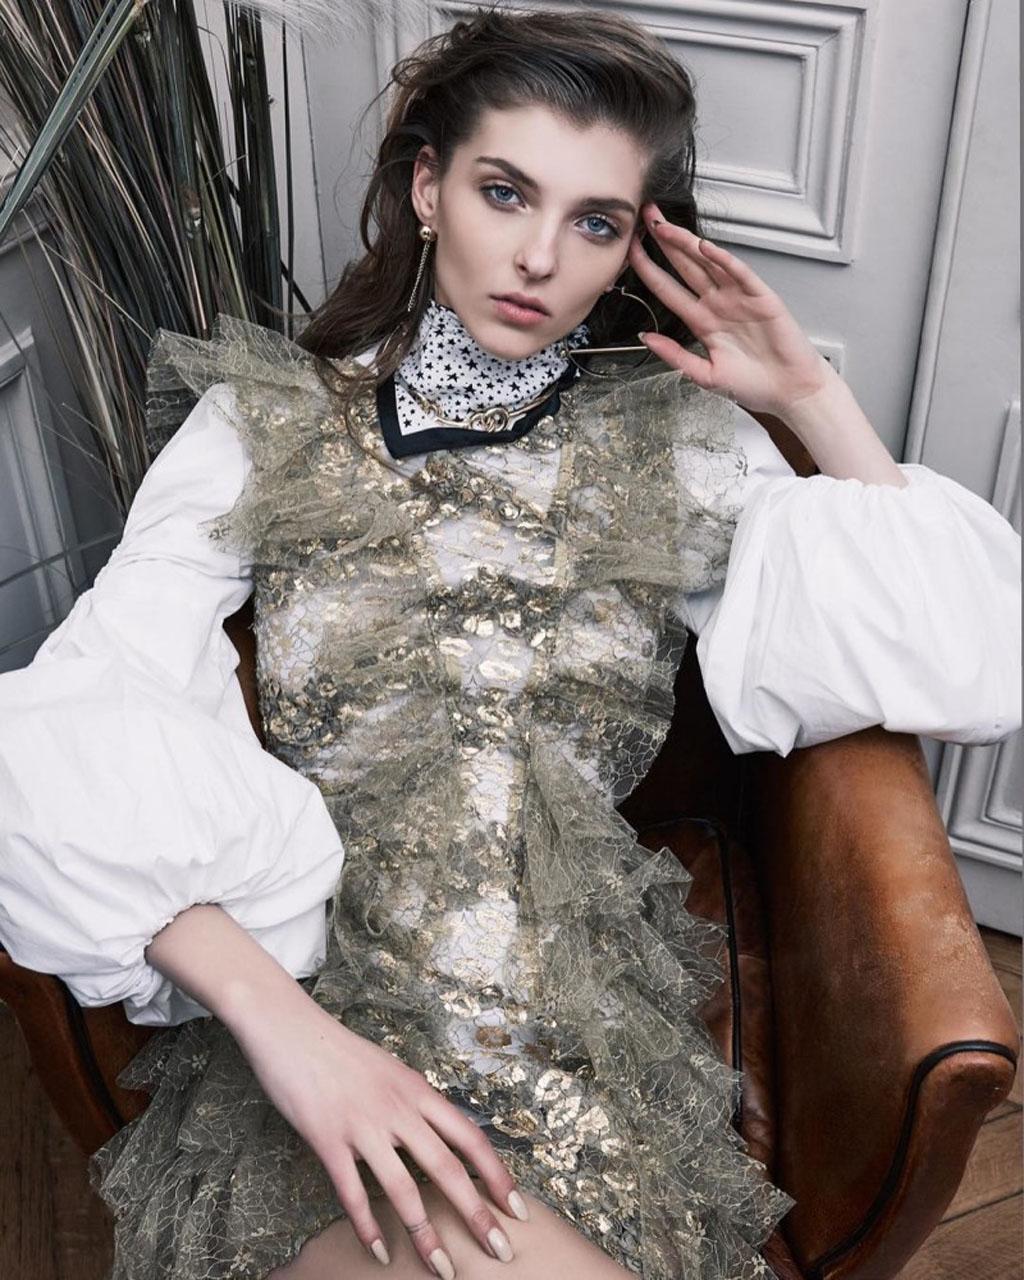 Anastasia Lagune